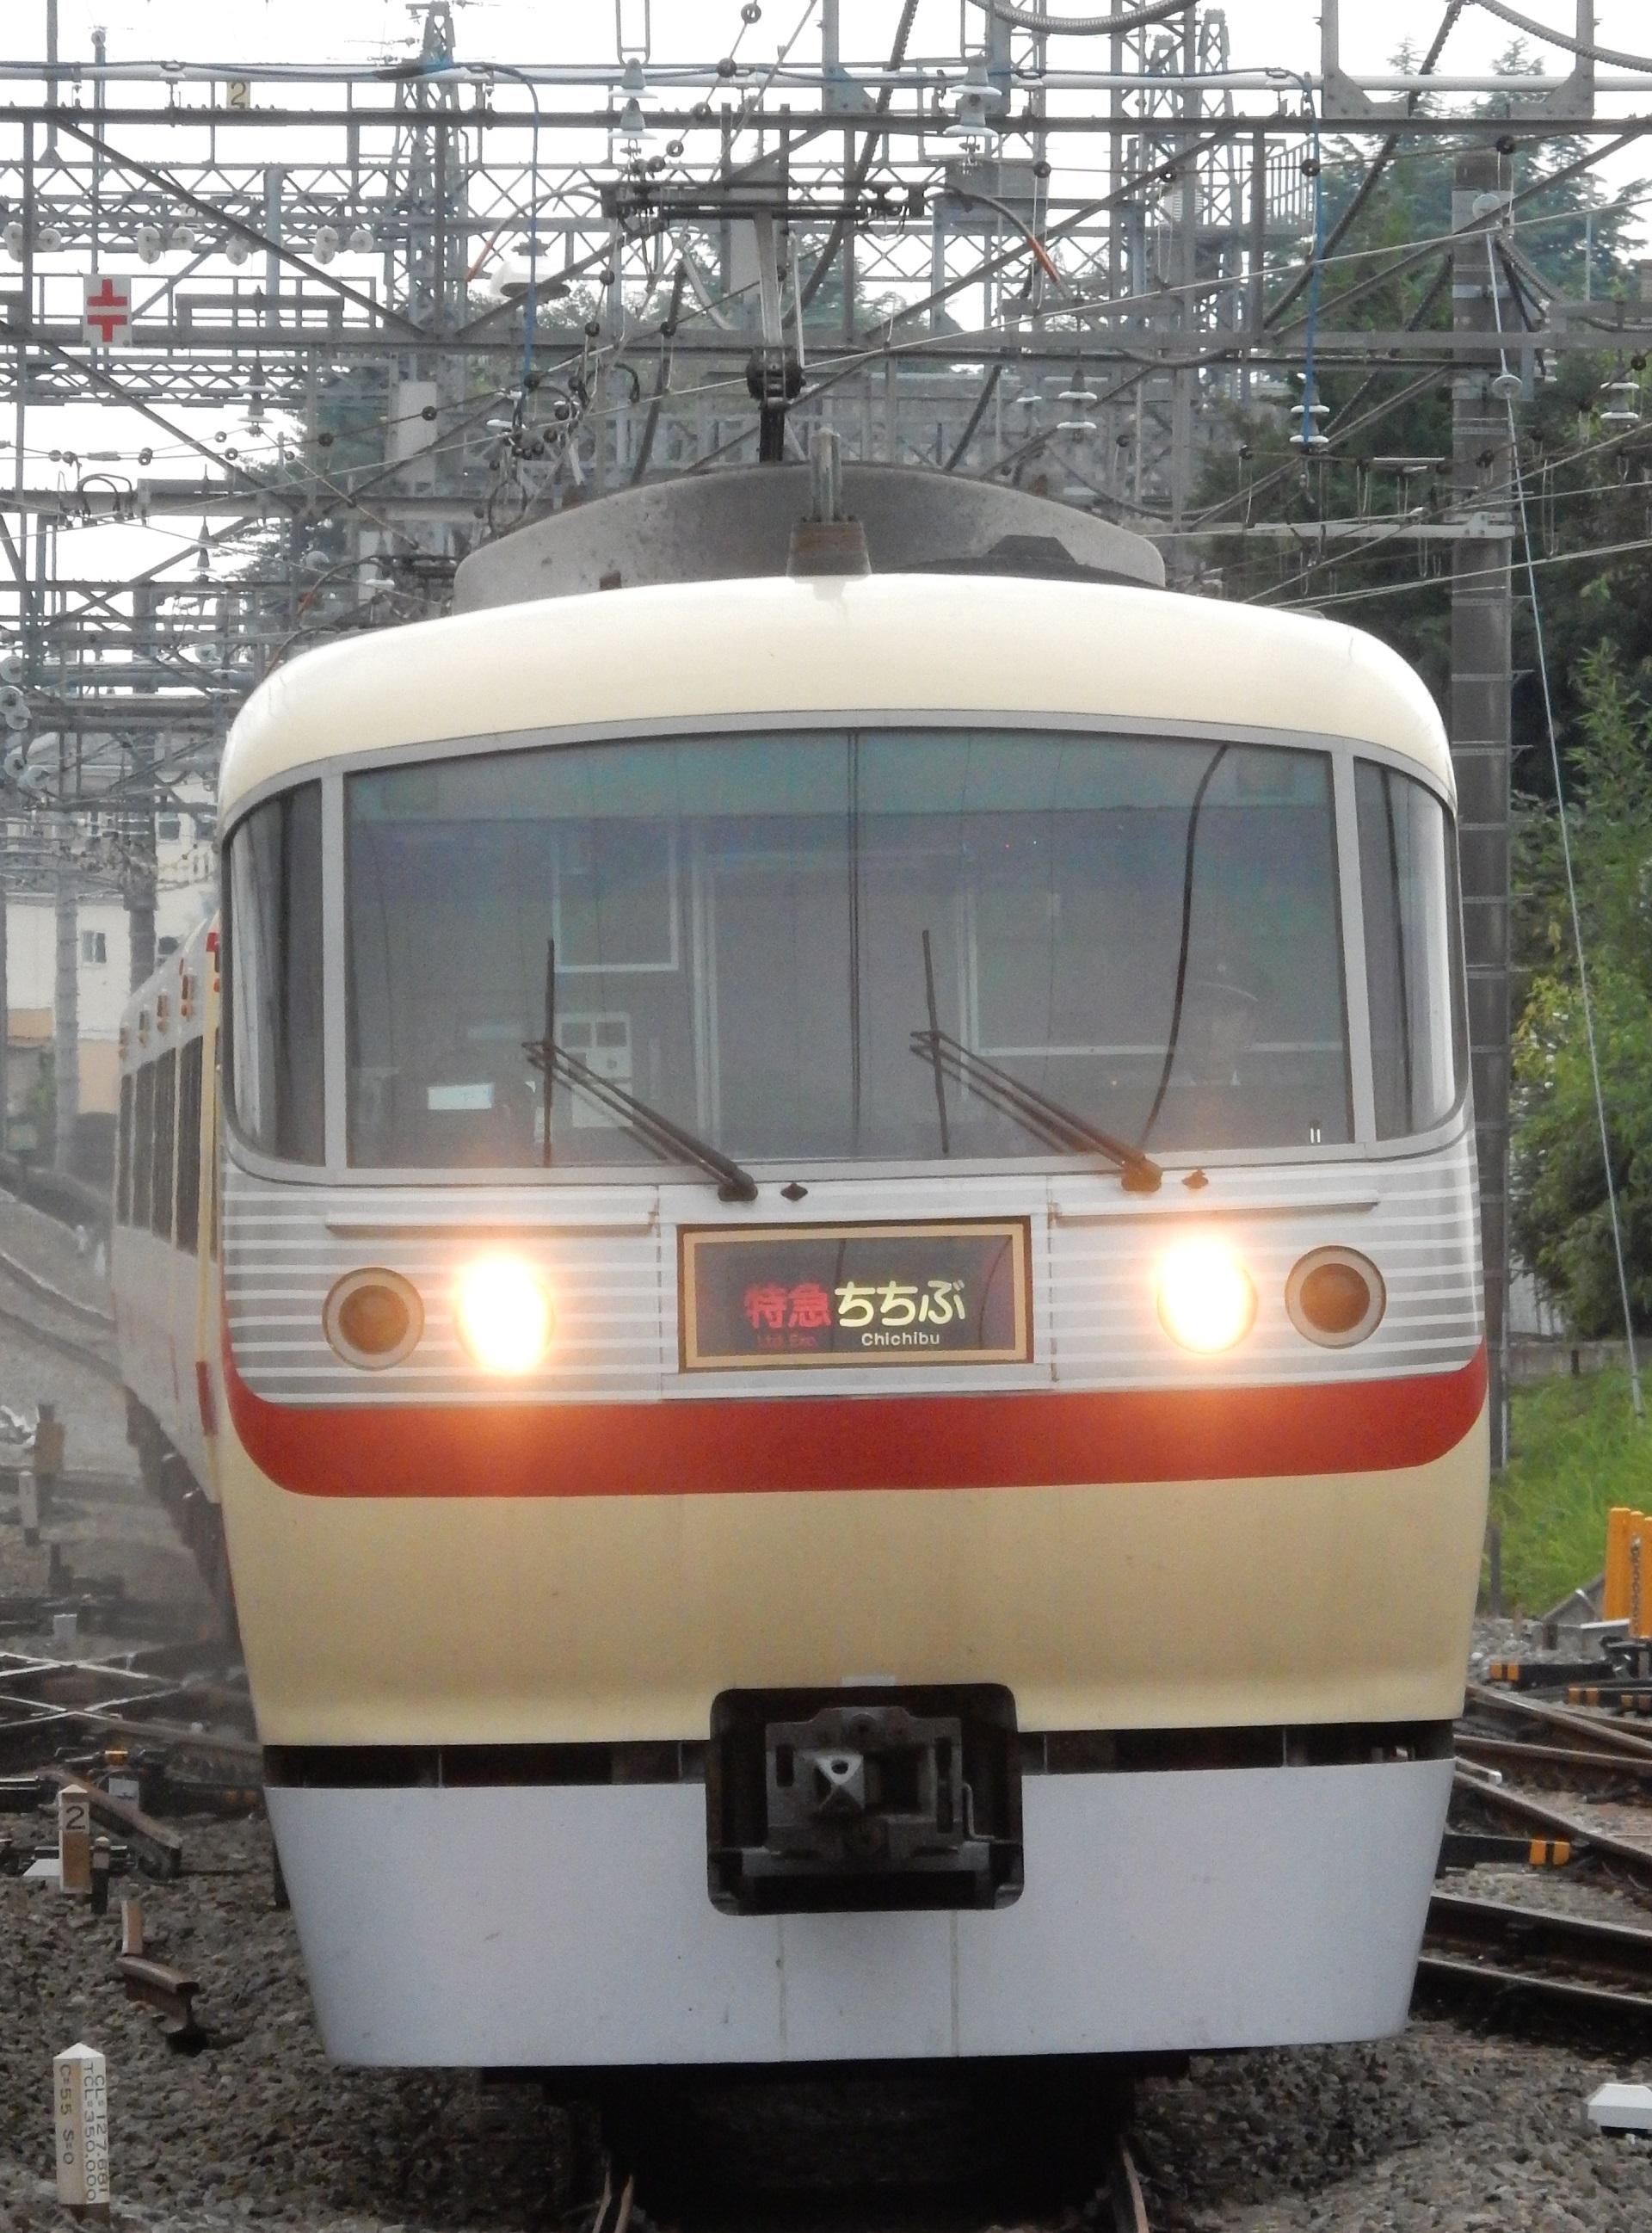 DSCN3001 - コピー